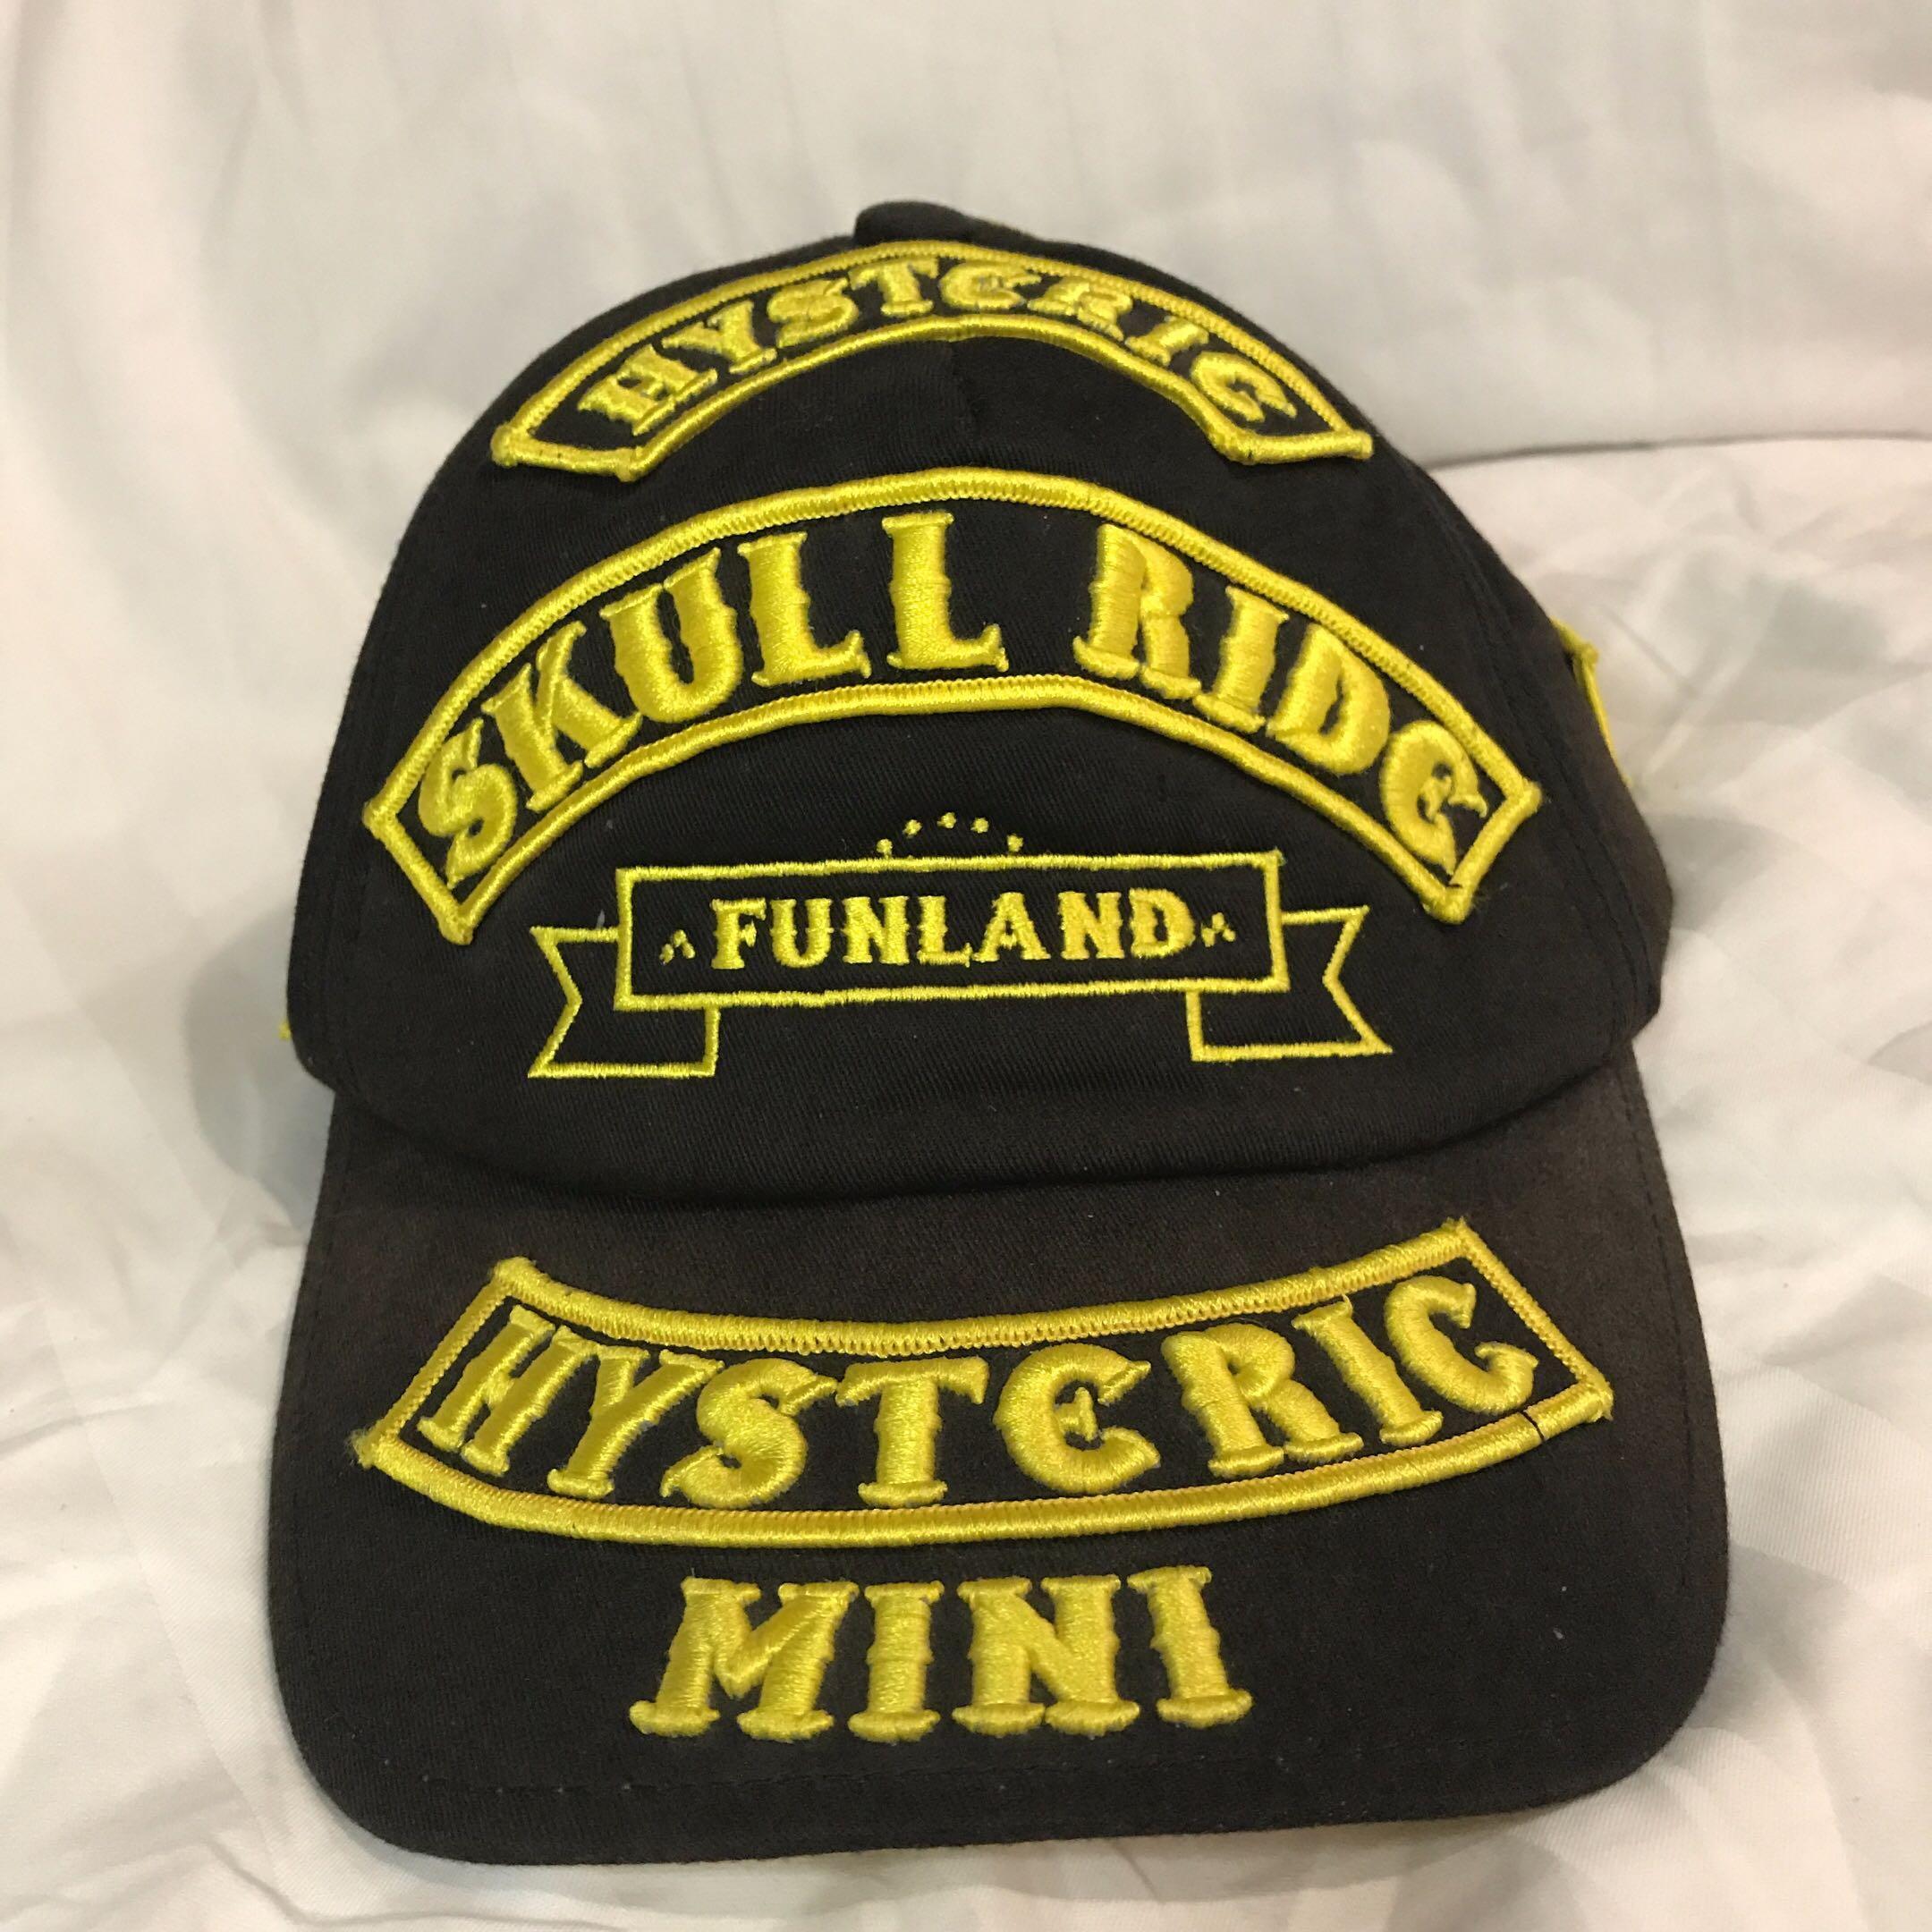 b943b4edf Hysteric Mini Trucker Cap, Men's Fashion, Men's Accessories, Caps ...